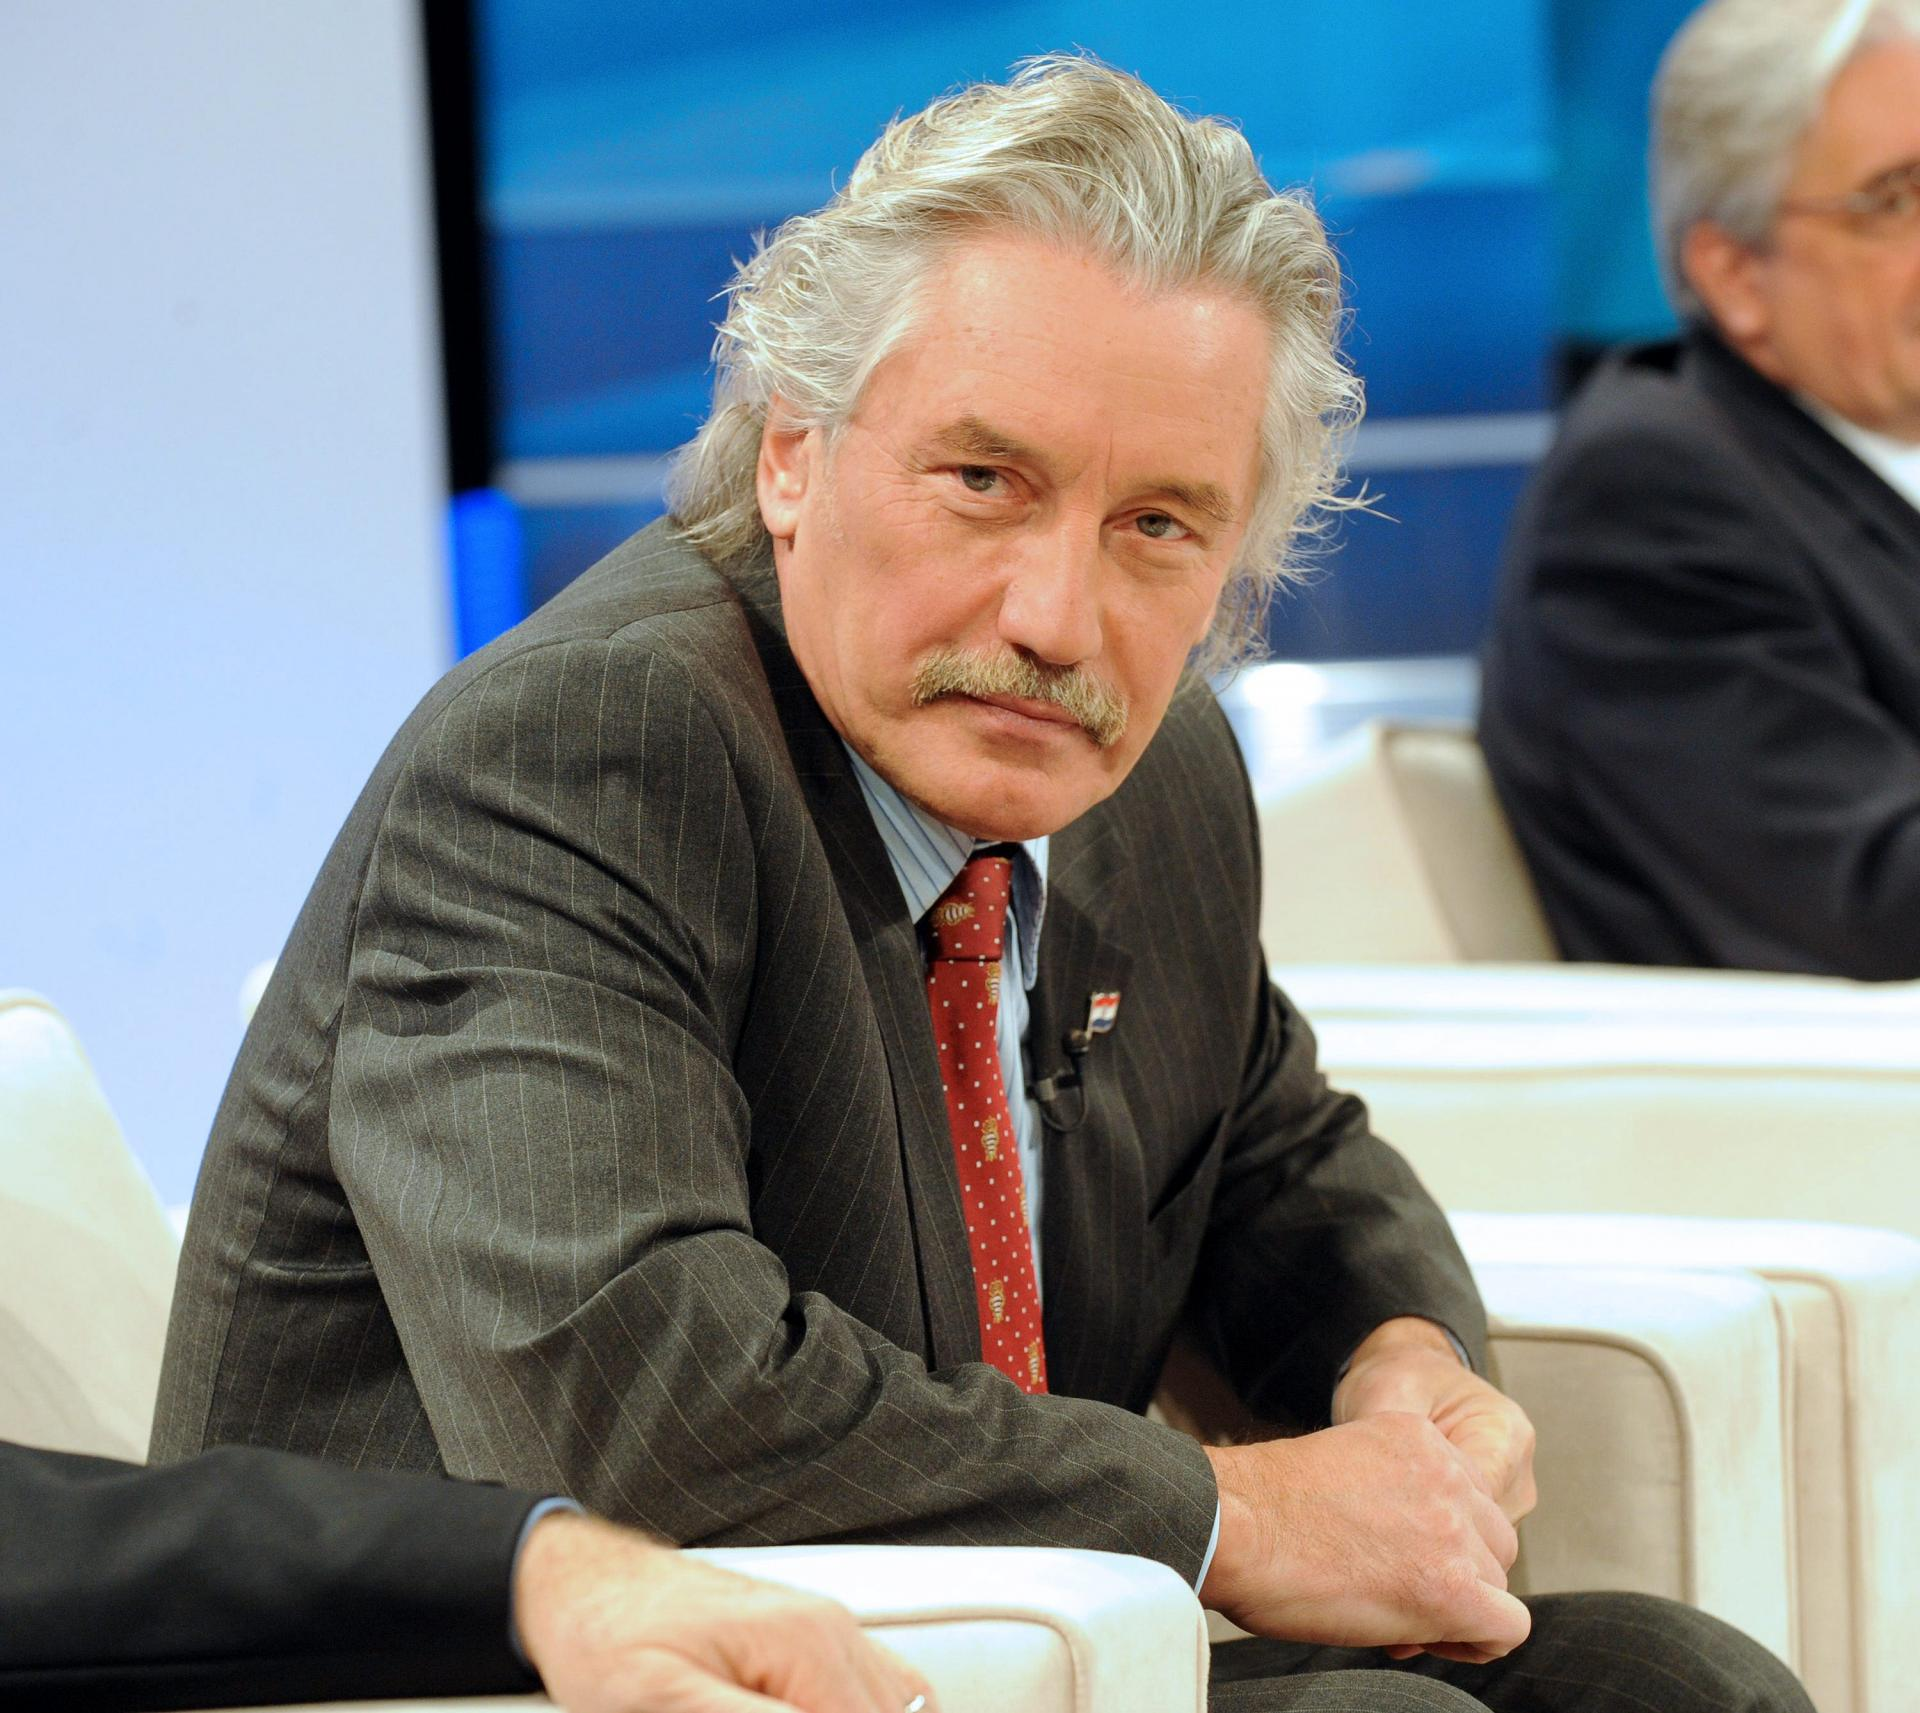 Zagreb, 221209. Prisavlje 13, studio HRT-a. Suceljavanje predsjednickih kandidata. Na slici: Boris Miksic. Foto: Damir Krajac/CROPIX